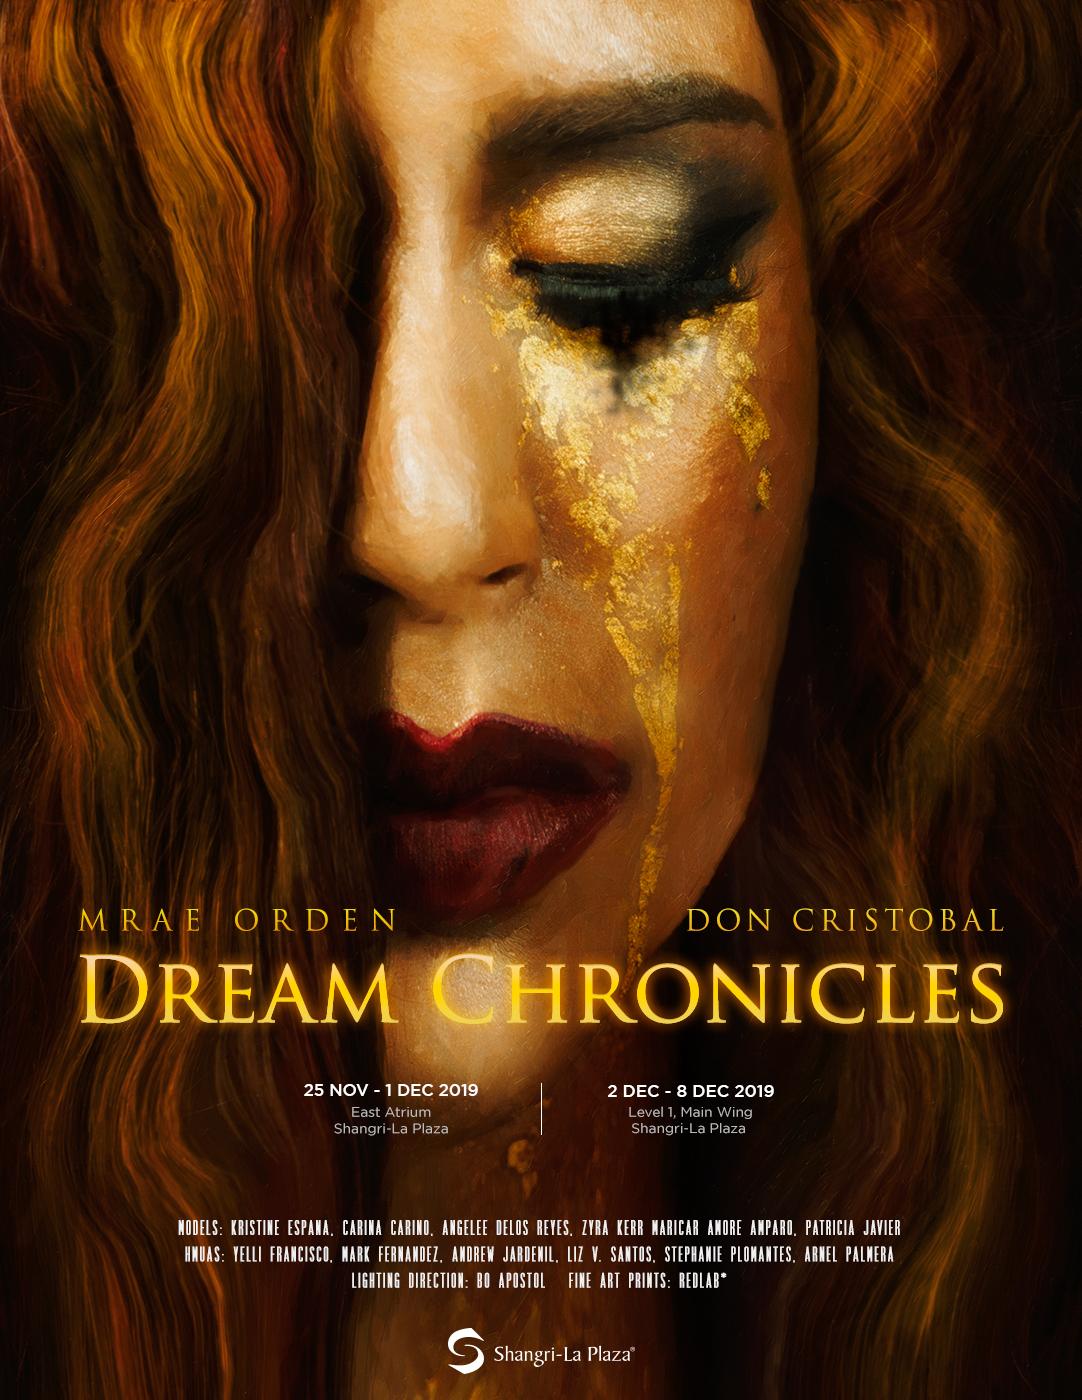 Dream Chronicles Exhibit Poster